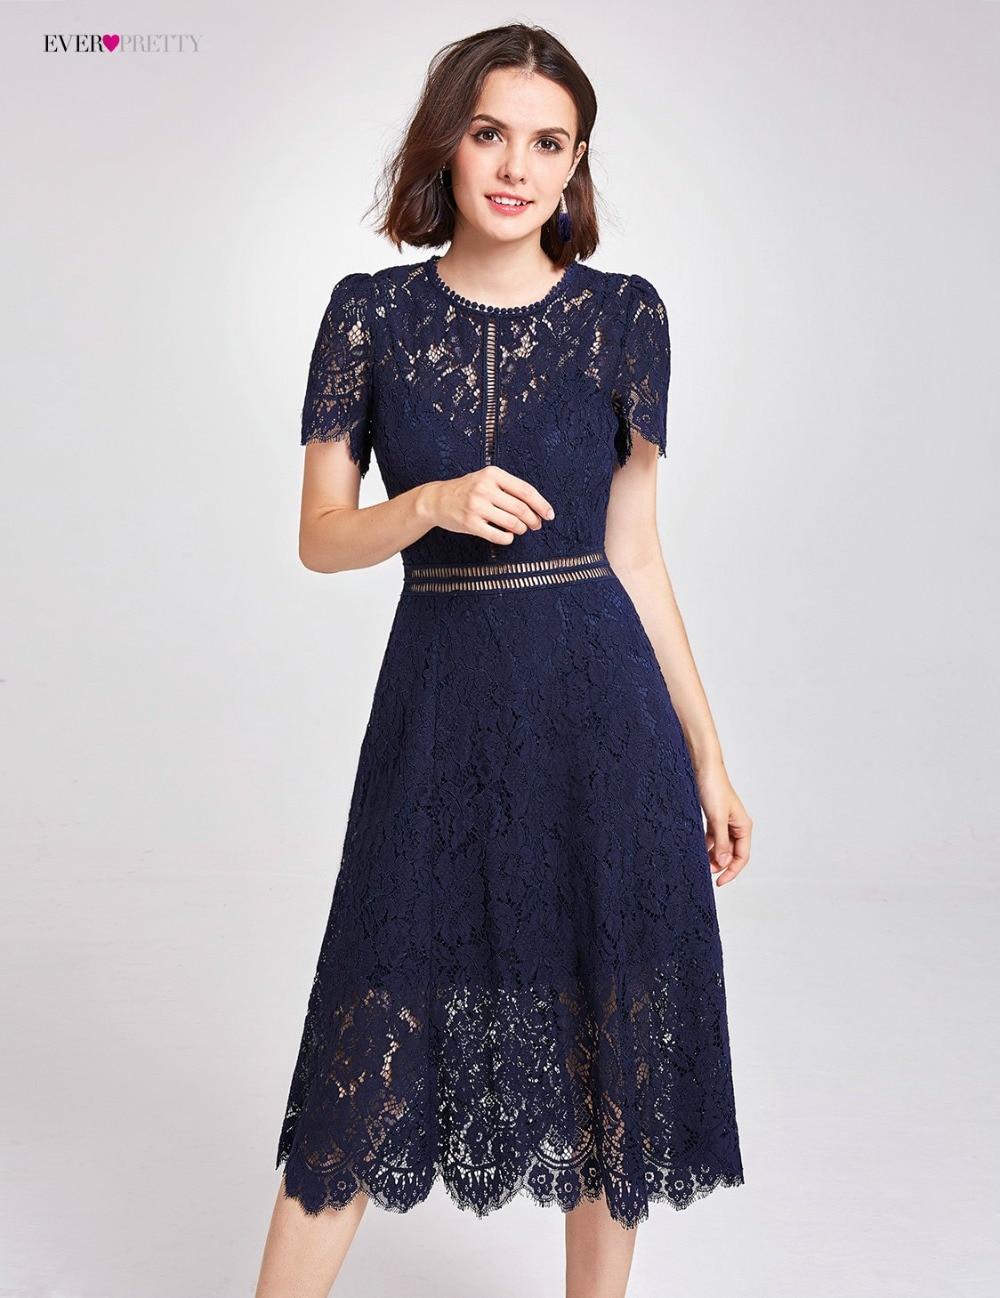 Новое Поступление Коктейльные платья Ever Pretty AS05921NB женские Дешевые трапециевидные кружевные платья с коротким рукавом и вырезами размера плюс Скромные Вечерние платья